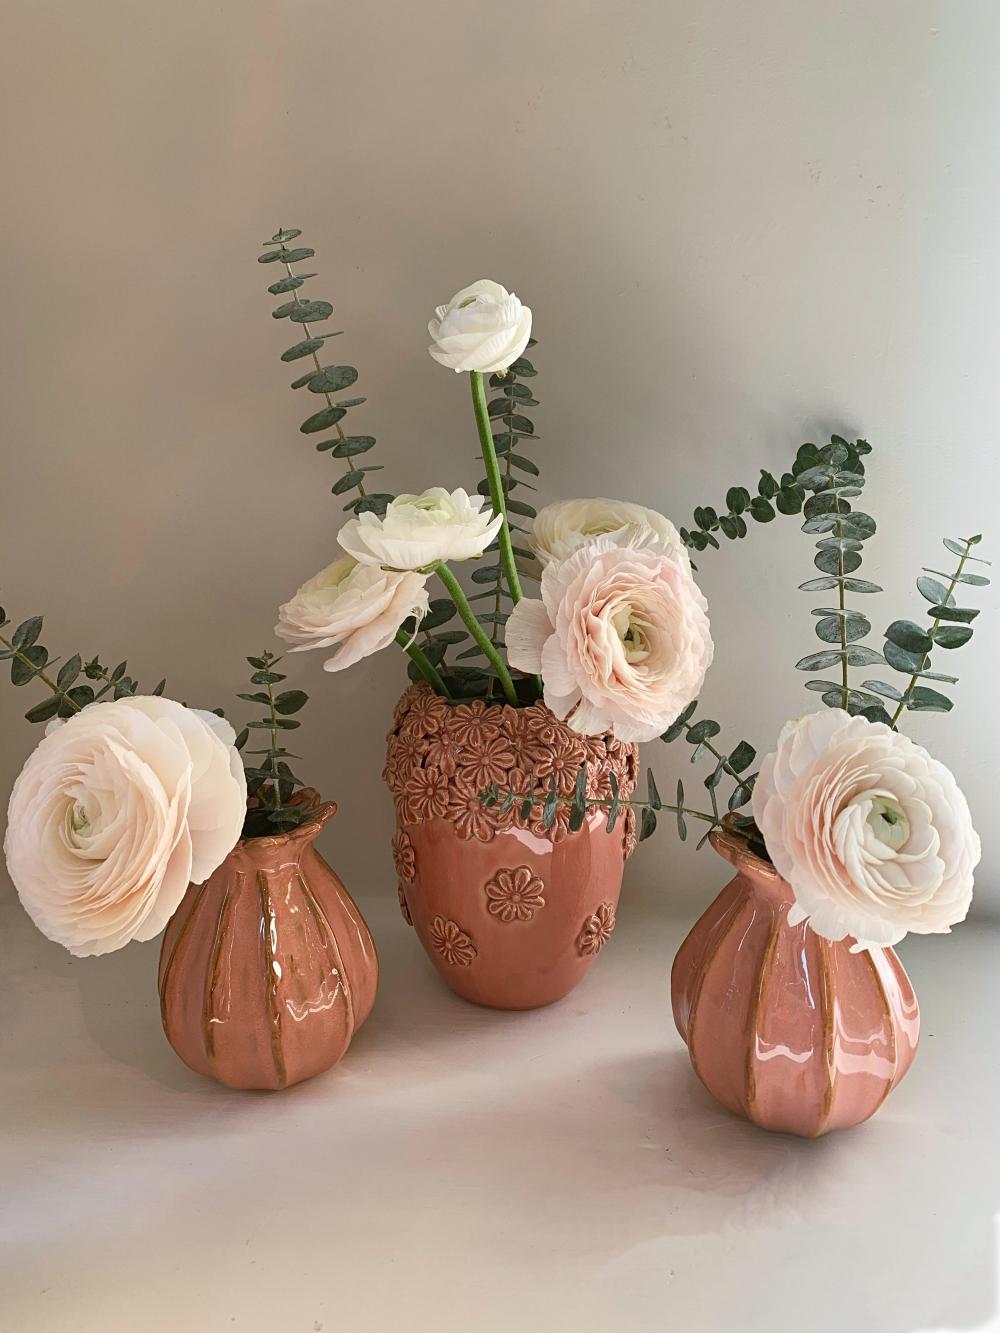 Saint-Valentin: petits pots de céramique rose # 3